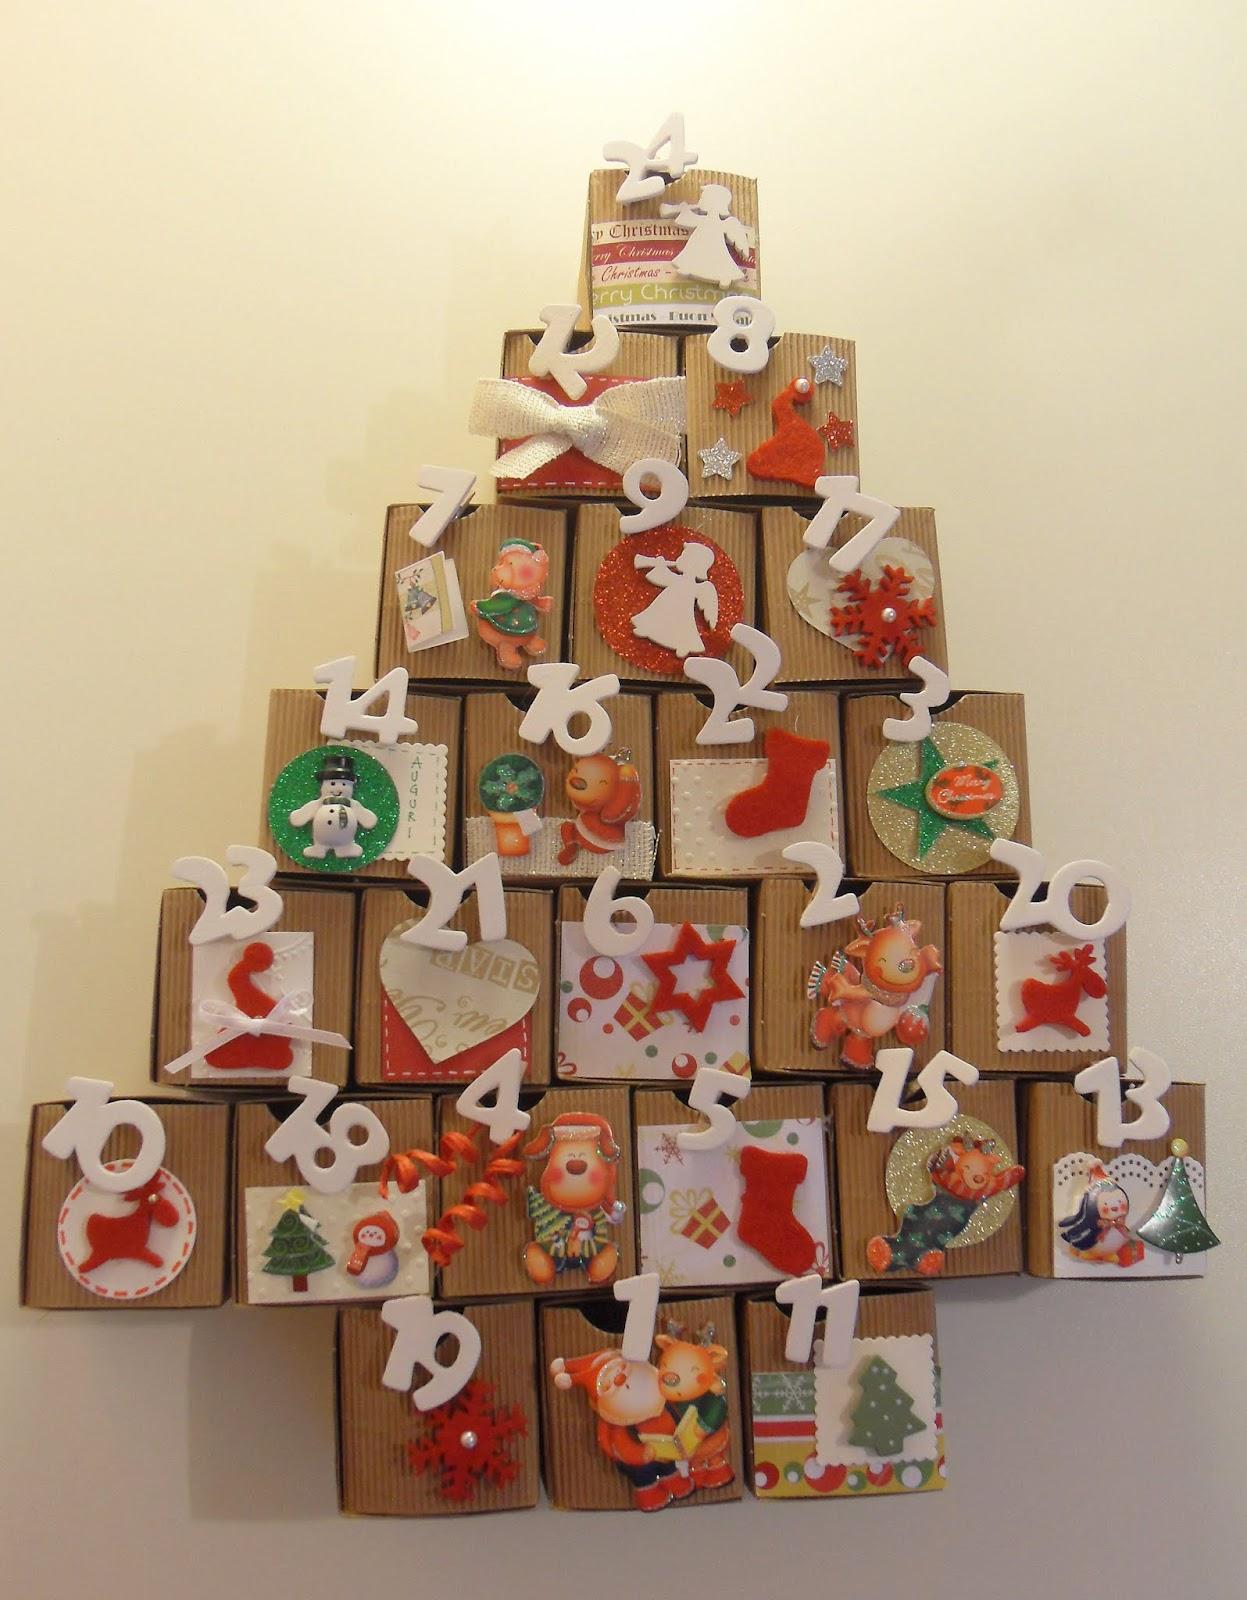 Lumaca Matta - Handmade with love: Calendario dell'avvento